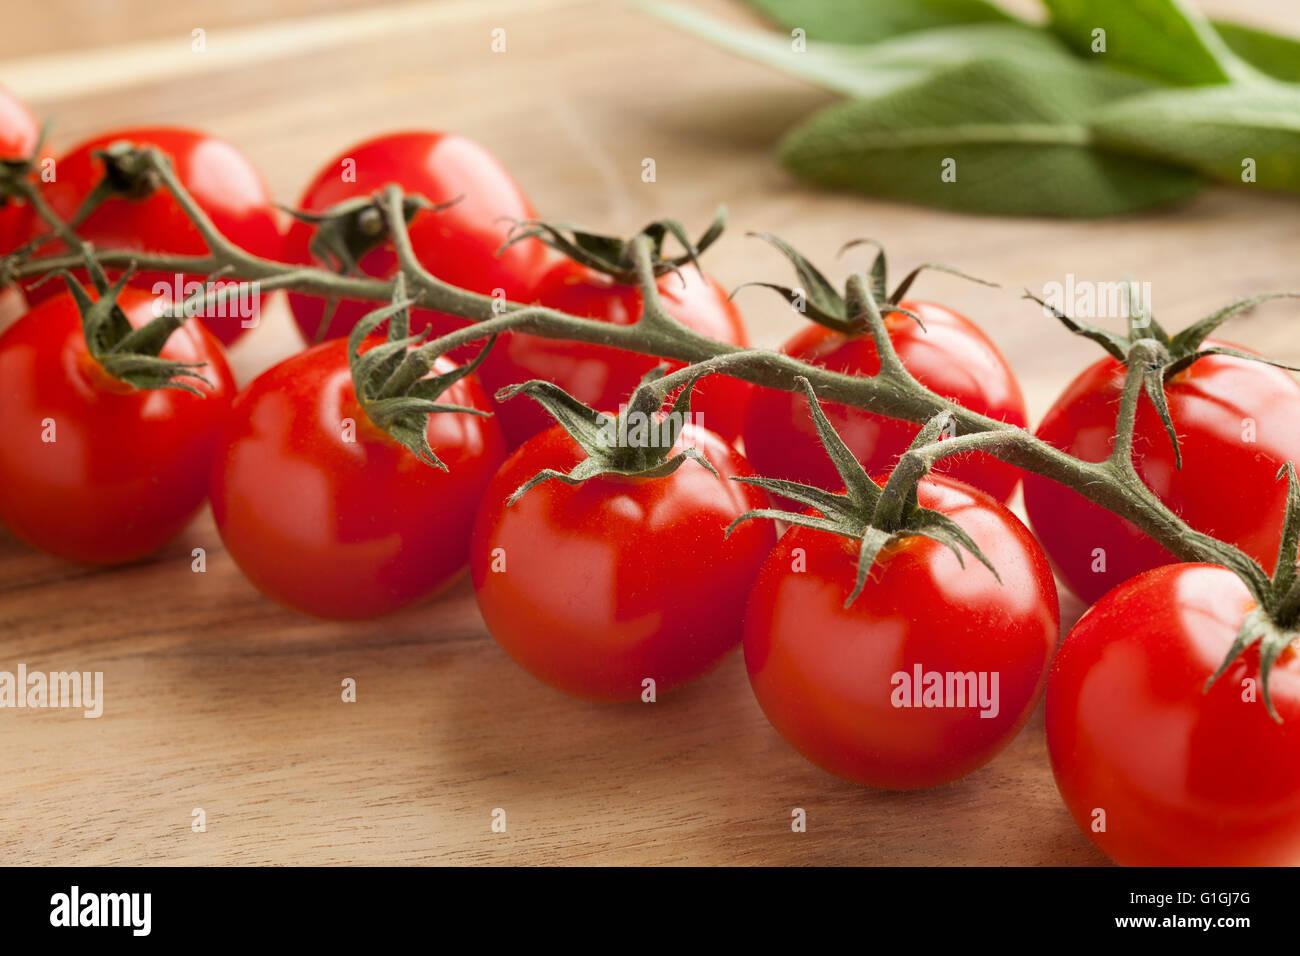 Vite con freschi maturi rossi pomodori ciliegini Immagini Stock